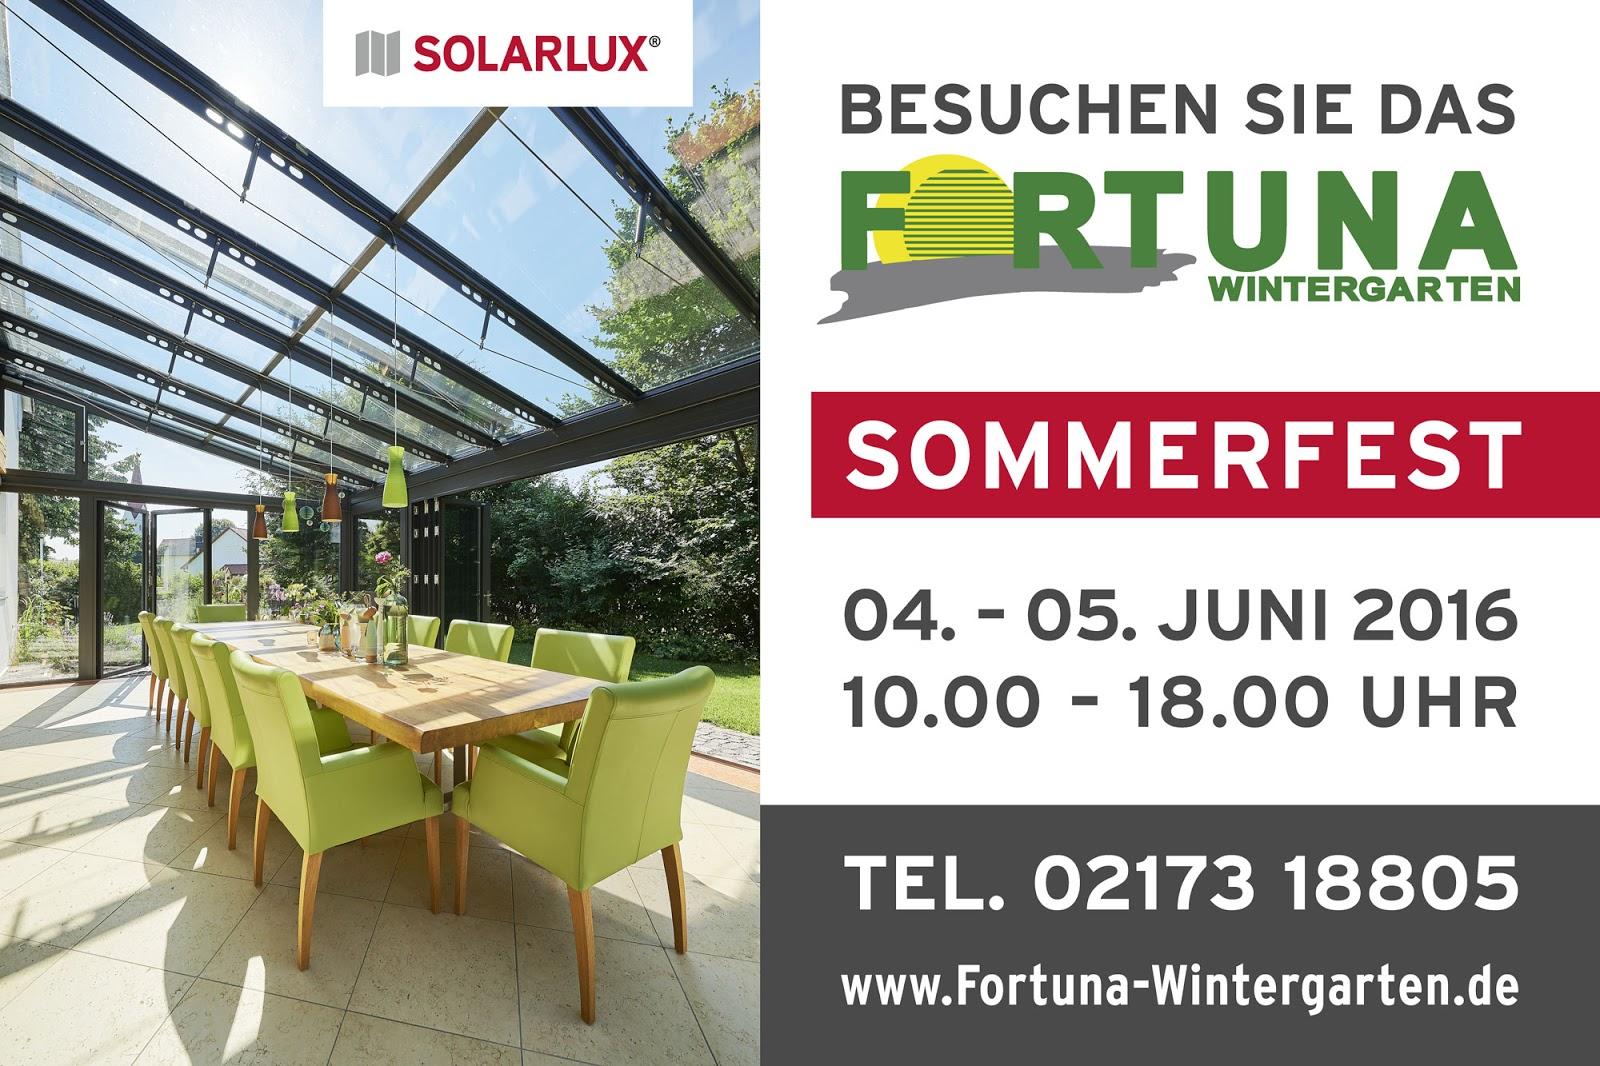 Fortuna Wintergarten reusrather de fortuna wintergarten veranstaltet 23 sommerfest mit